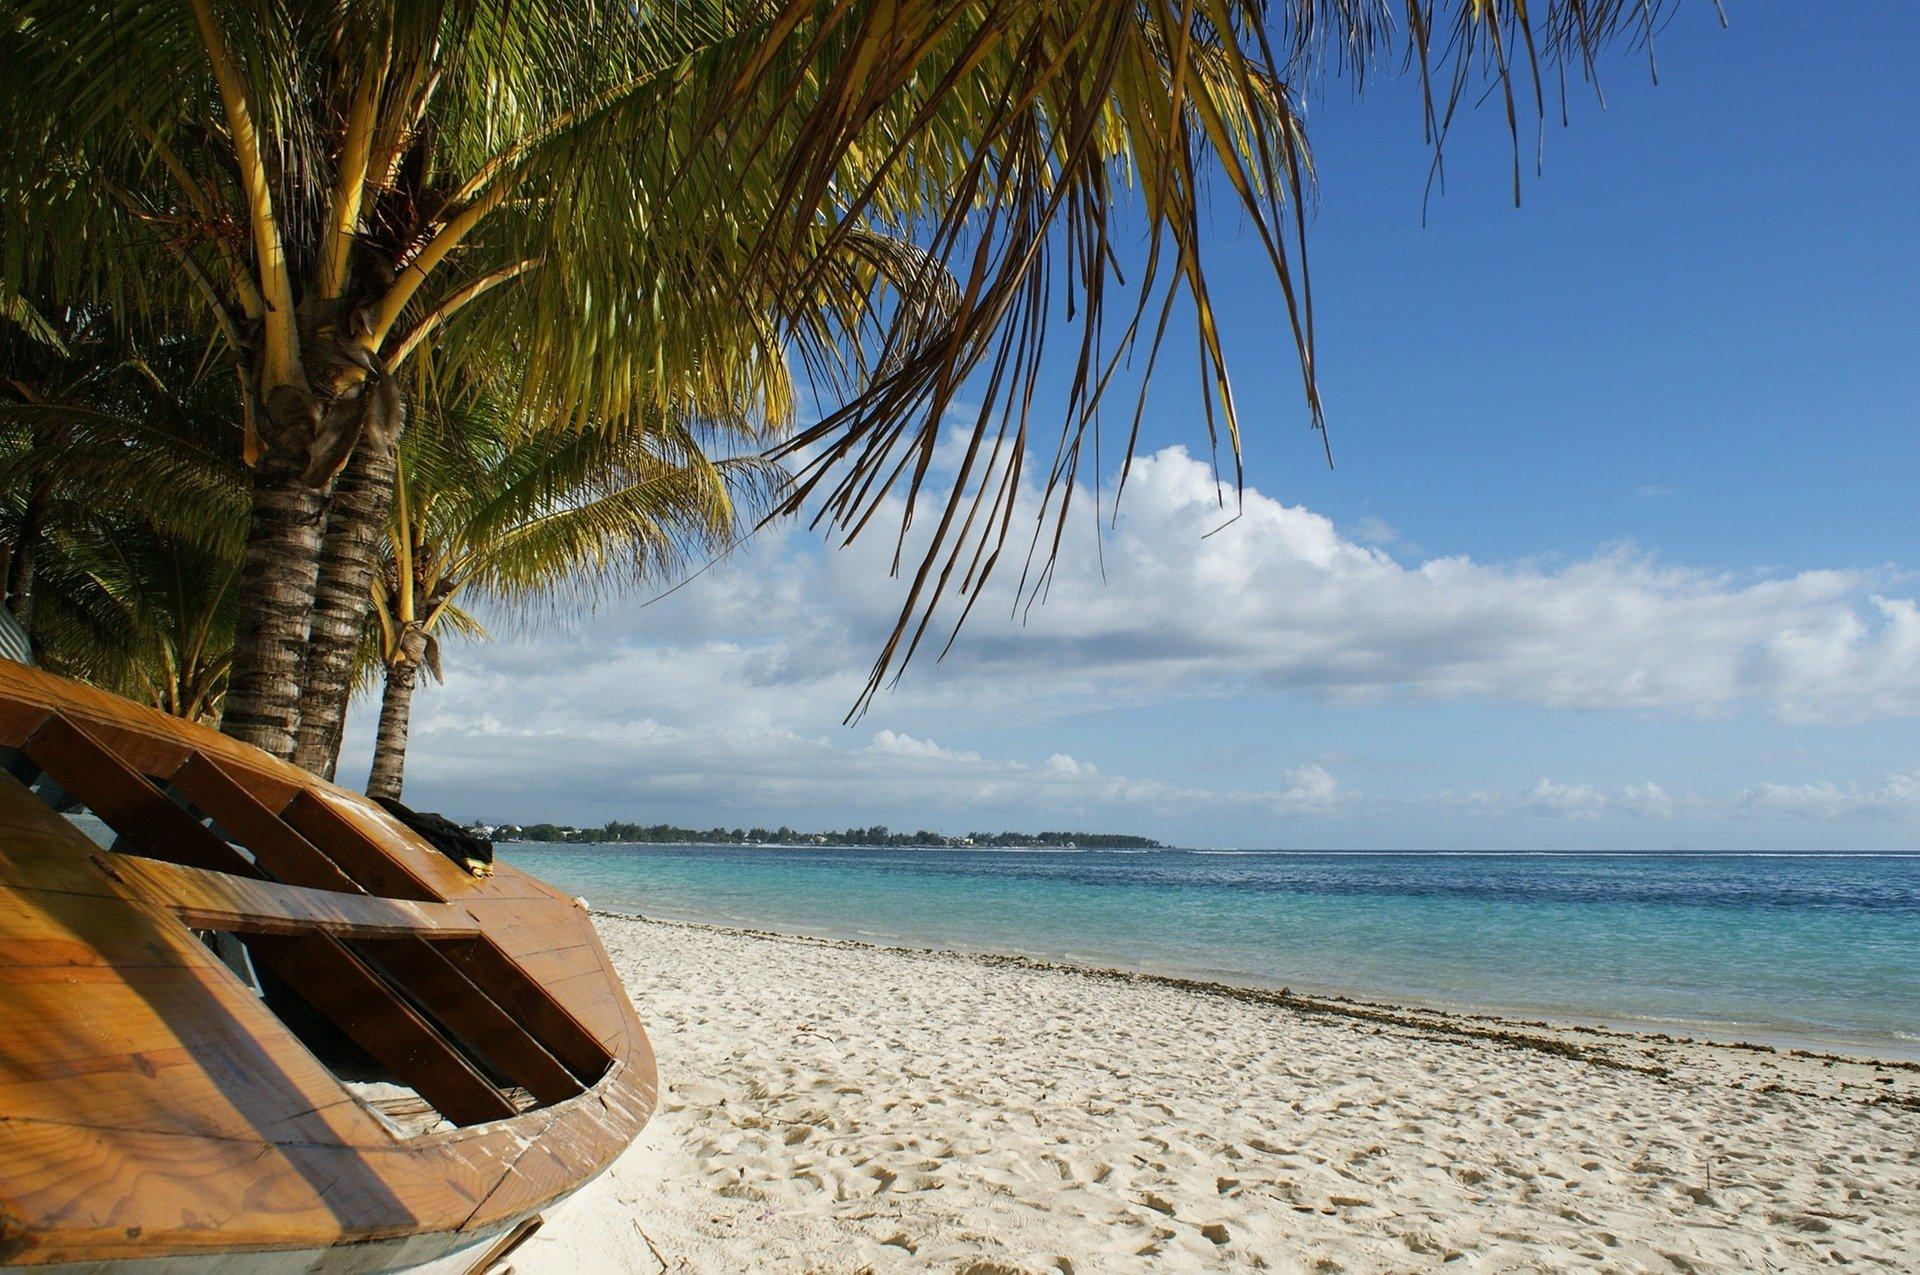 دليلك السياحي الي جزيرة موريشيوس